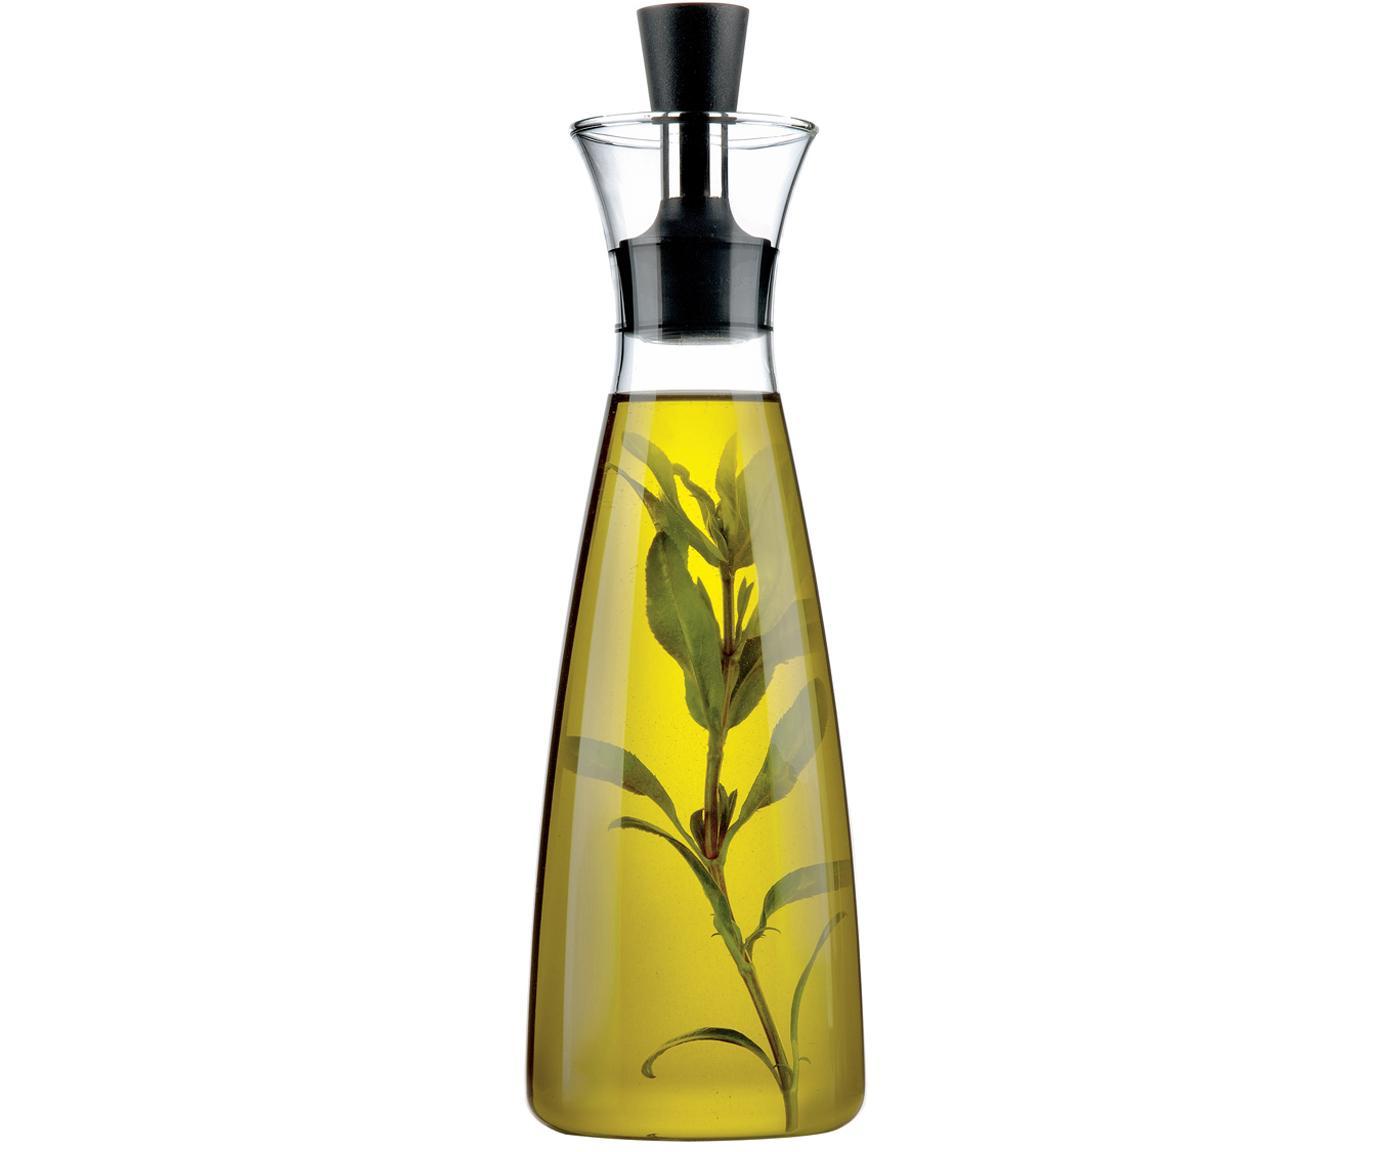 Aceitera o vinegrera de diseño Eva Solo, Vidrio, acero inoxidable, plástico, Transparente, negro, acero inoxidable, 0.5 L